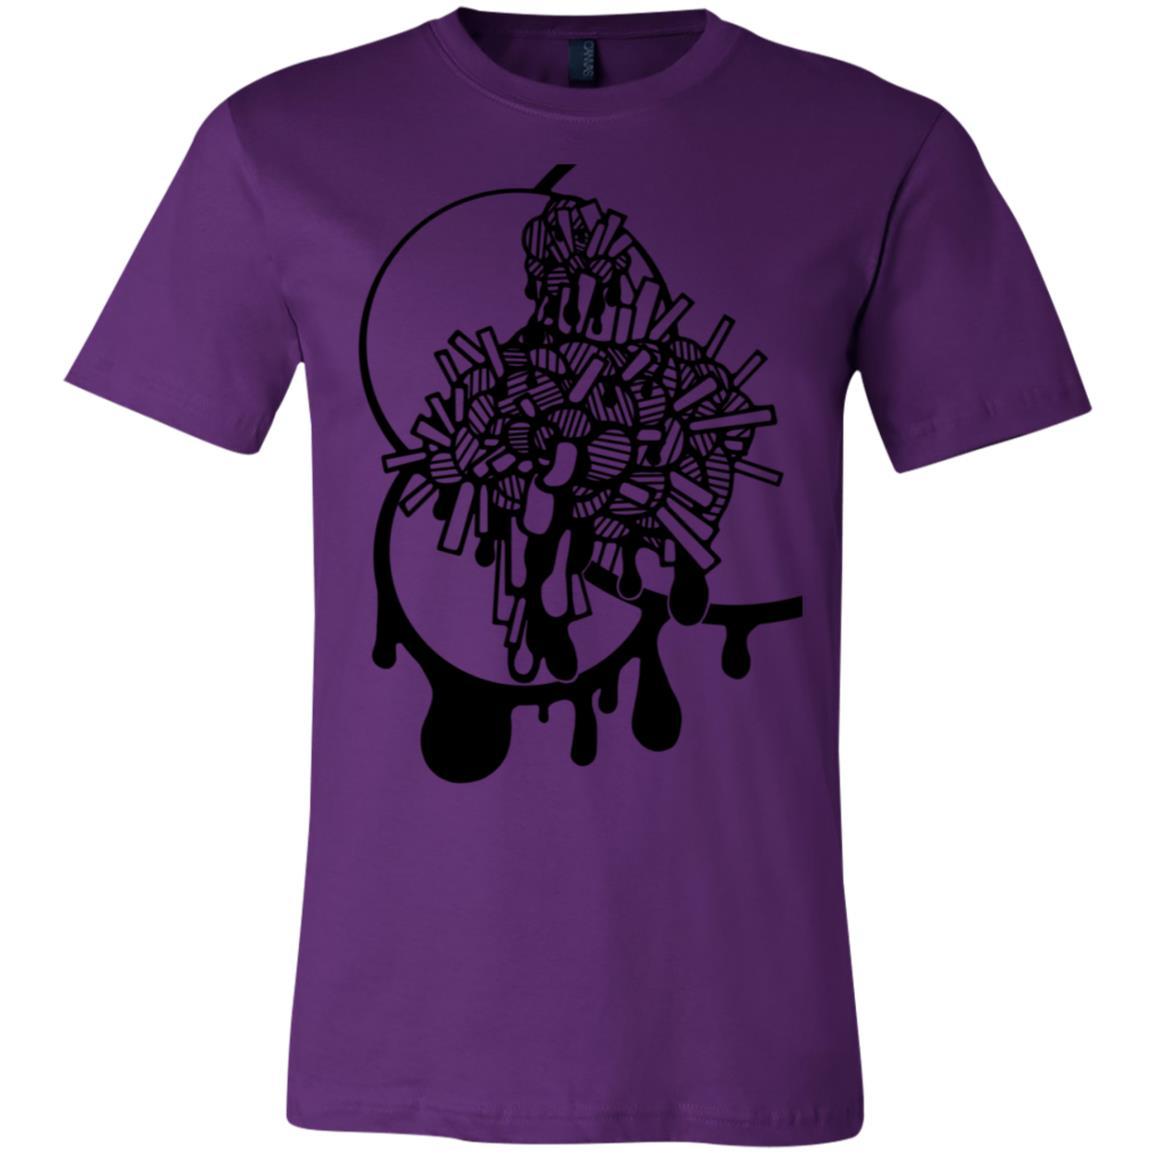 Brains - Team Purple